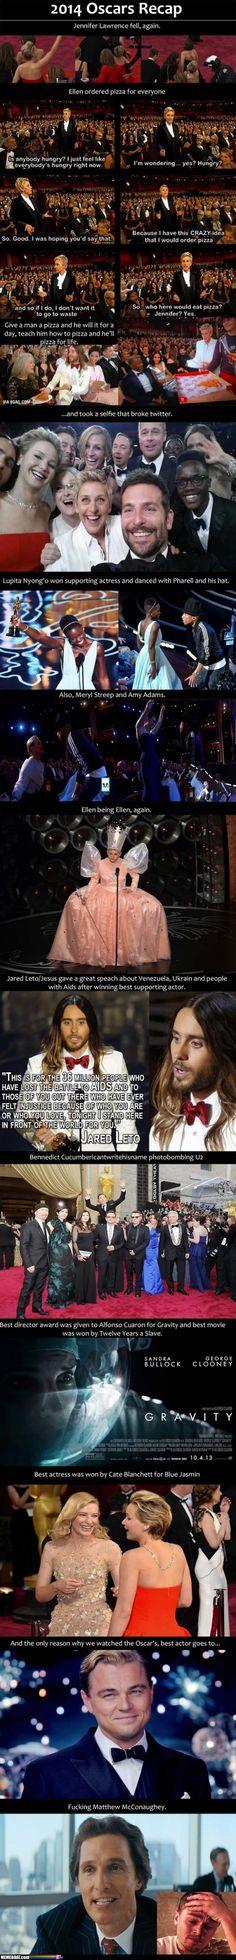 2014 Oscars Recap